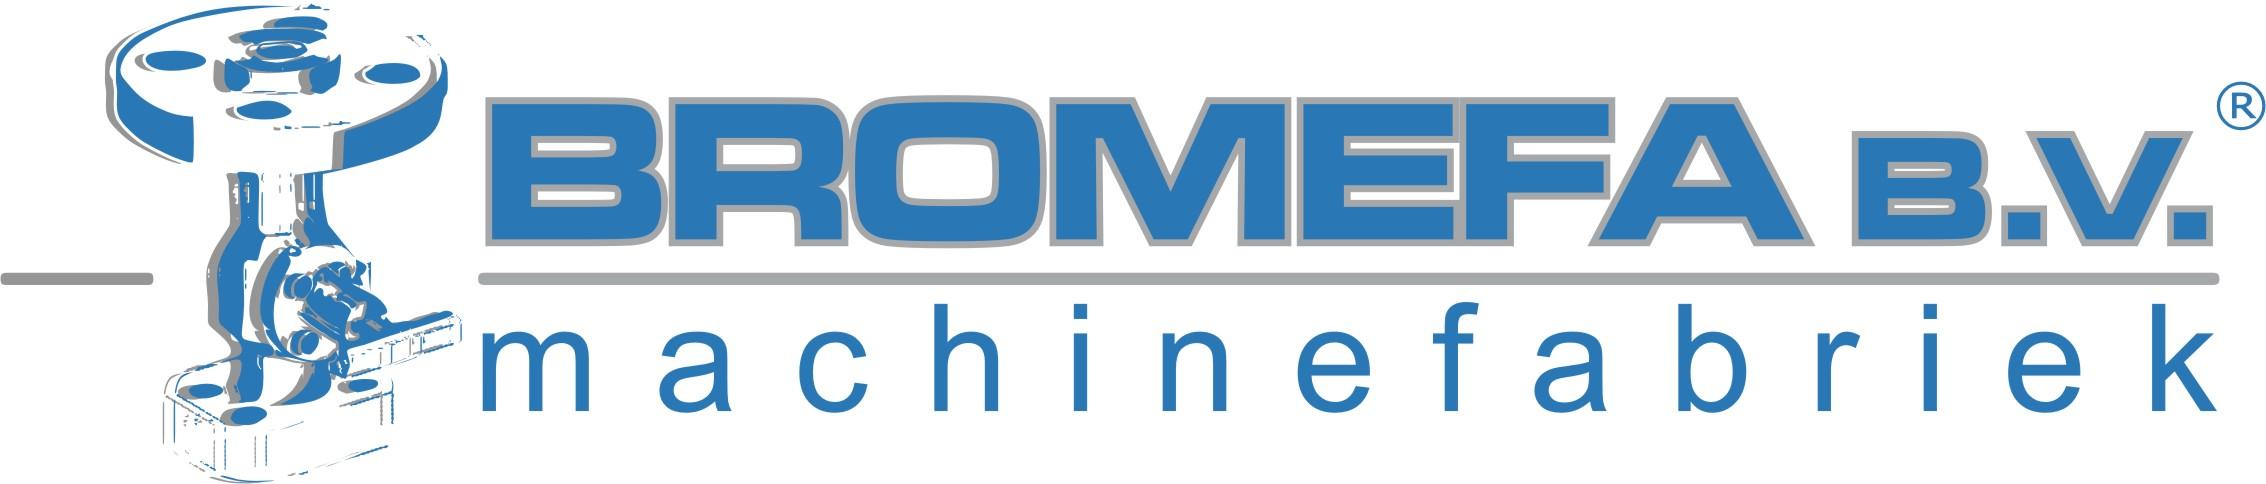 Bromefa Machinefabriek BV